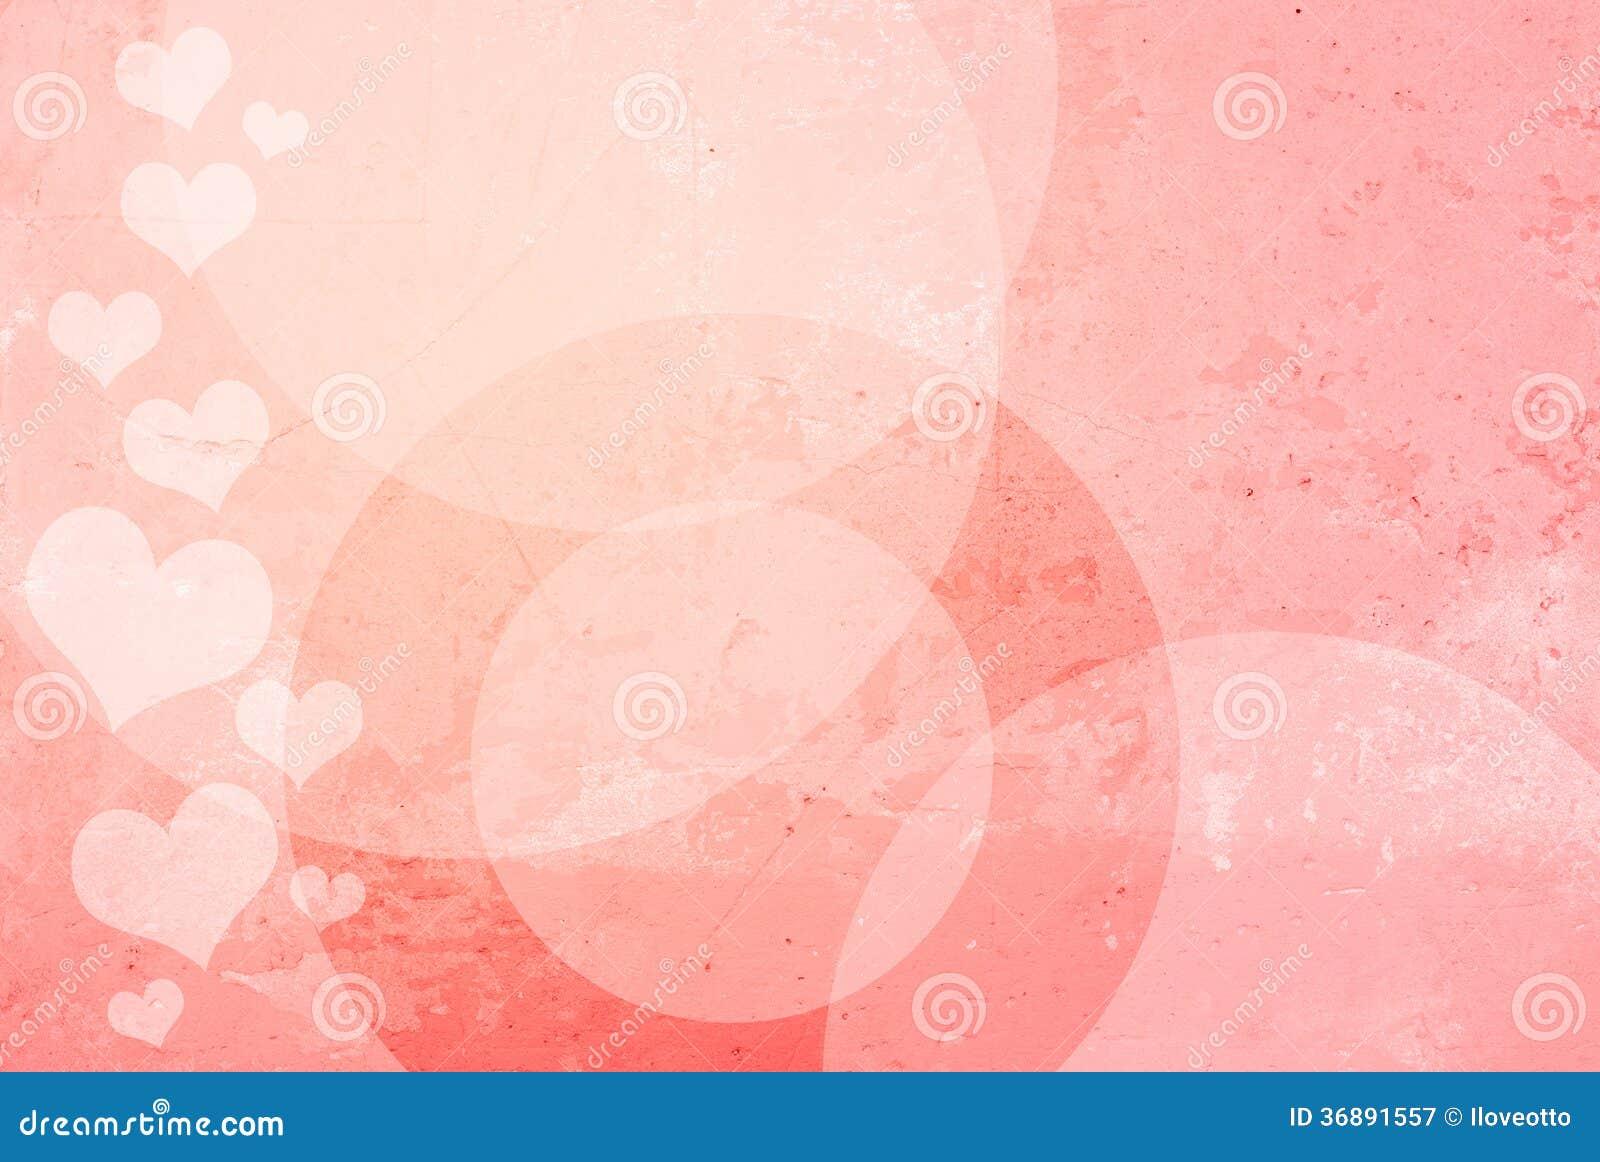 Download Fondo dell'innamorato illustrazione di stock. Illustrazione di illustrazioni - 36891557